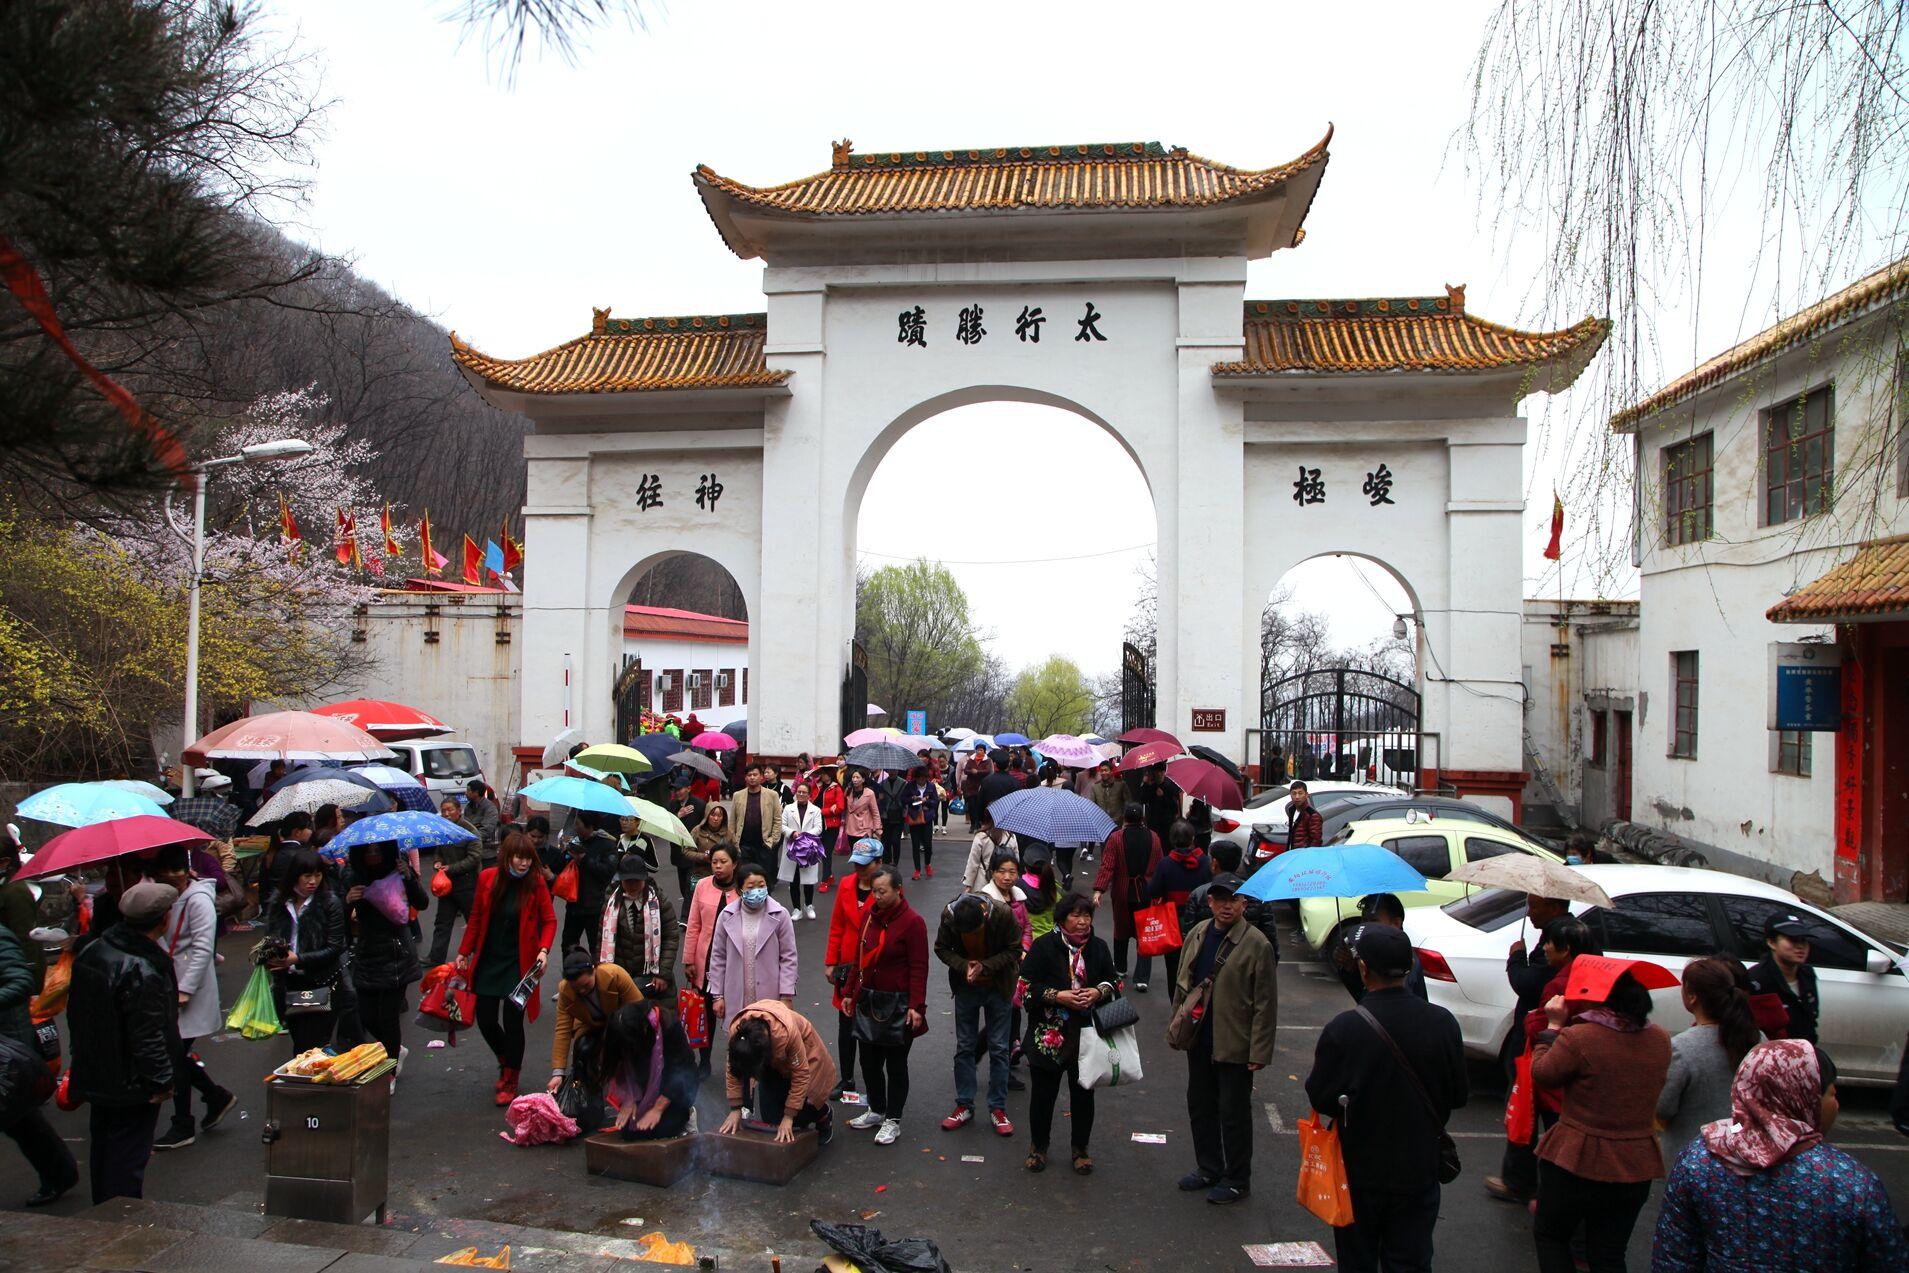 2017年林州黄华三月三庙会盛大开幕 网络直播突破万人